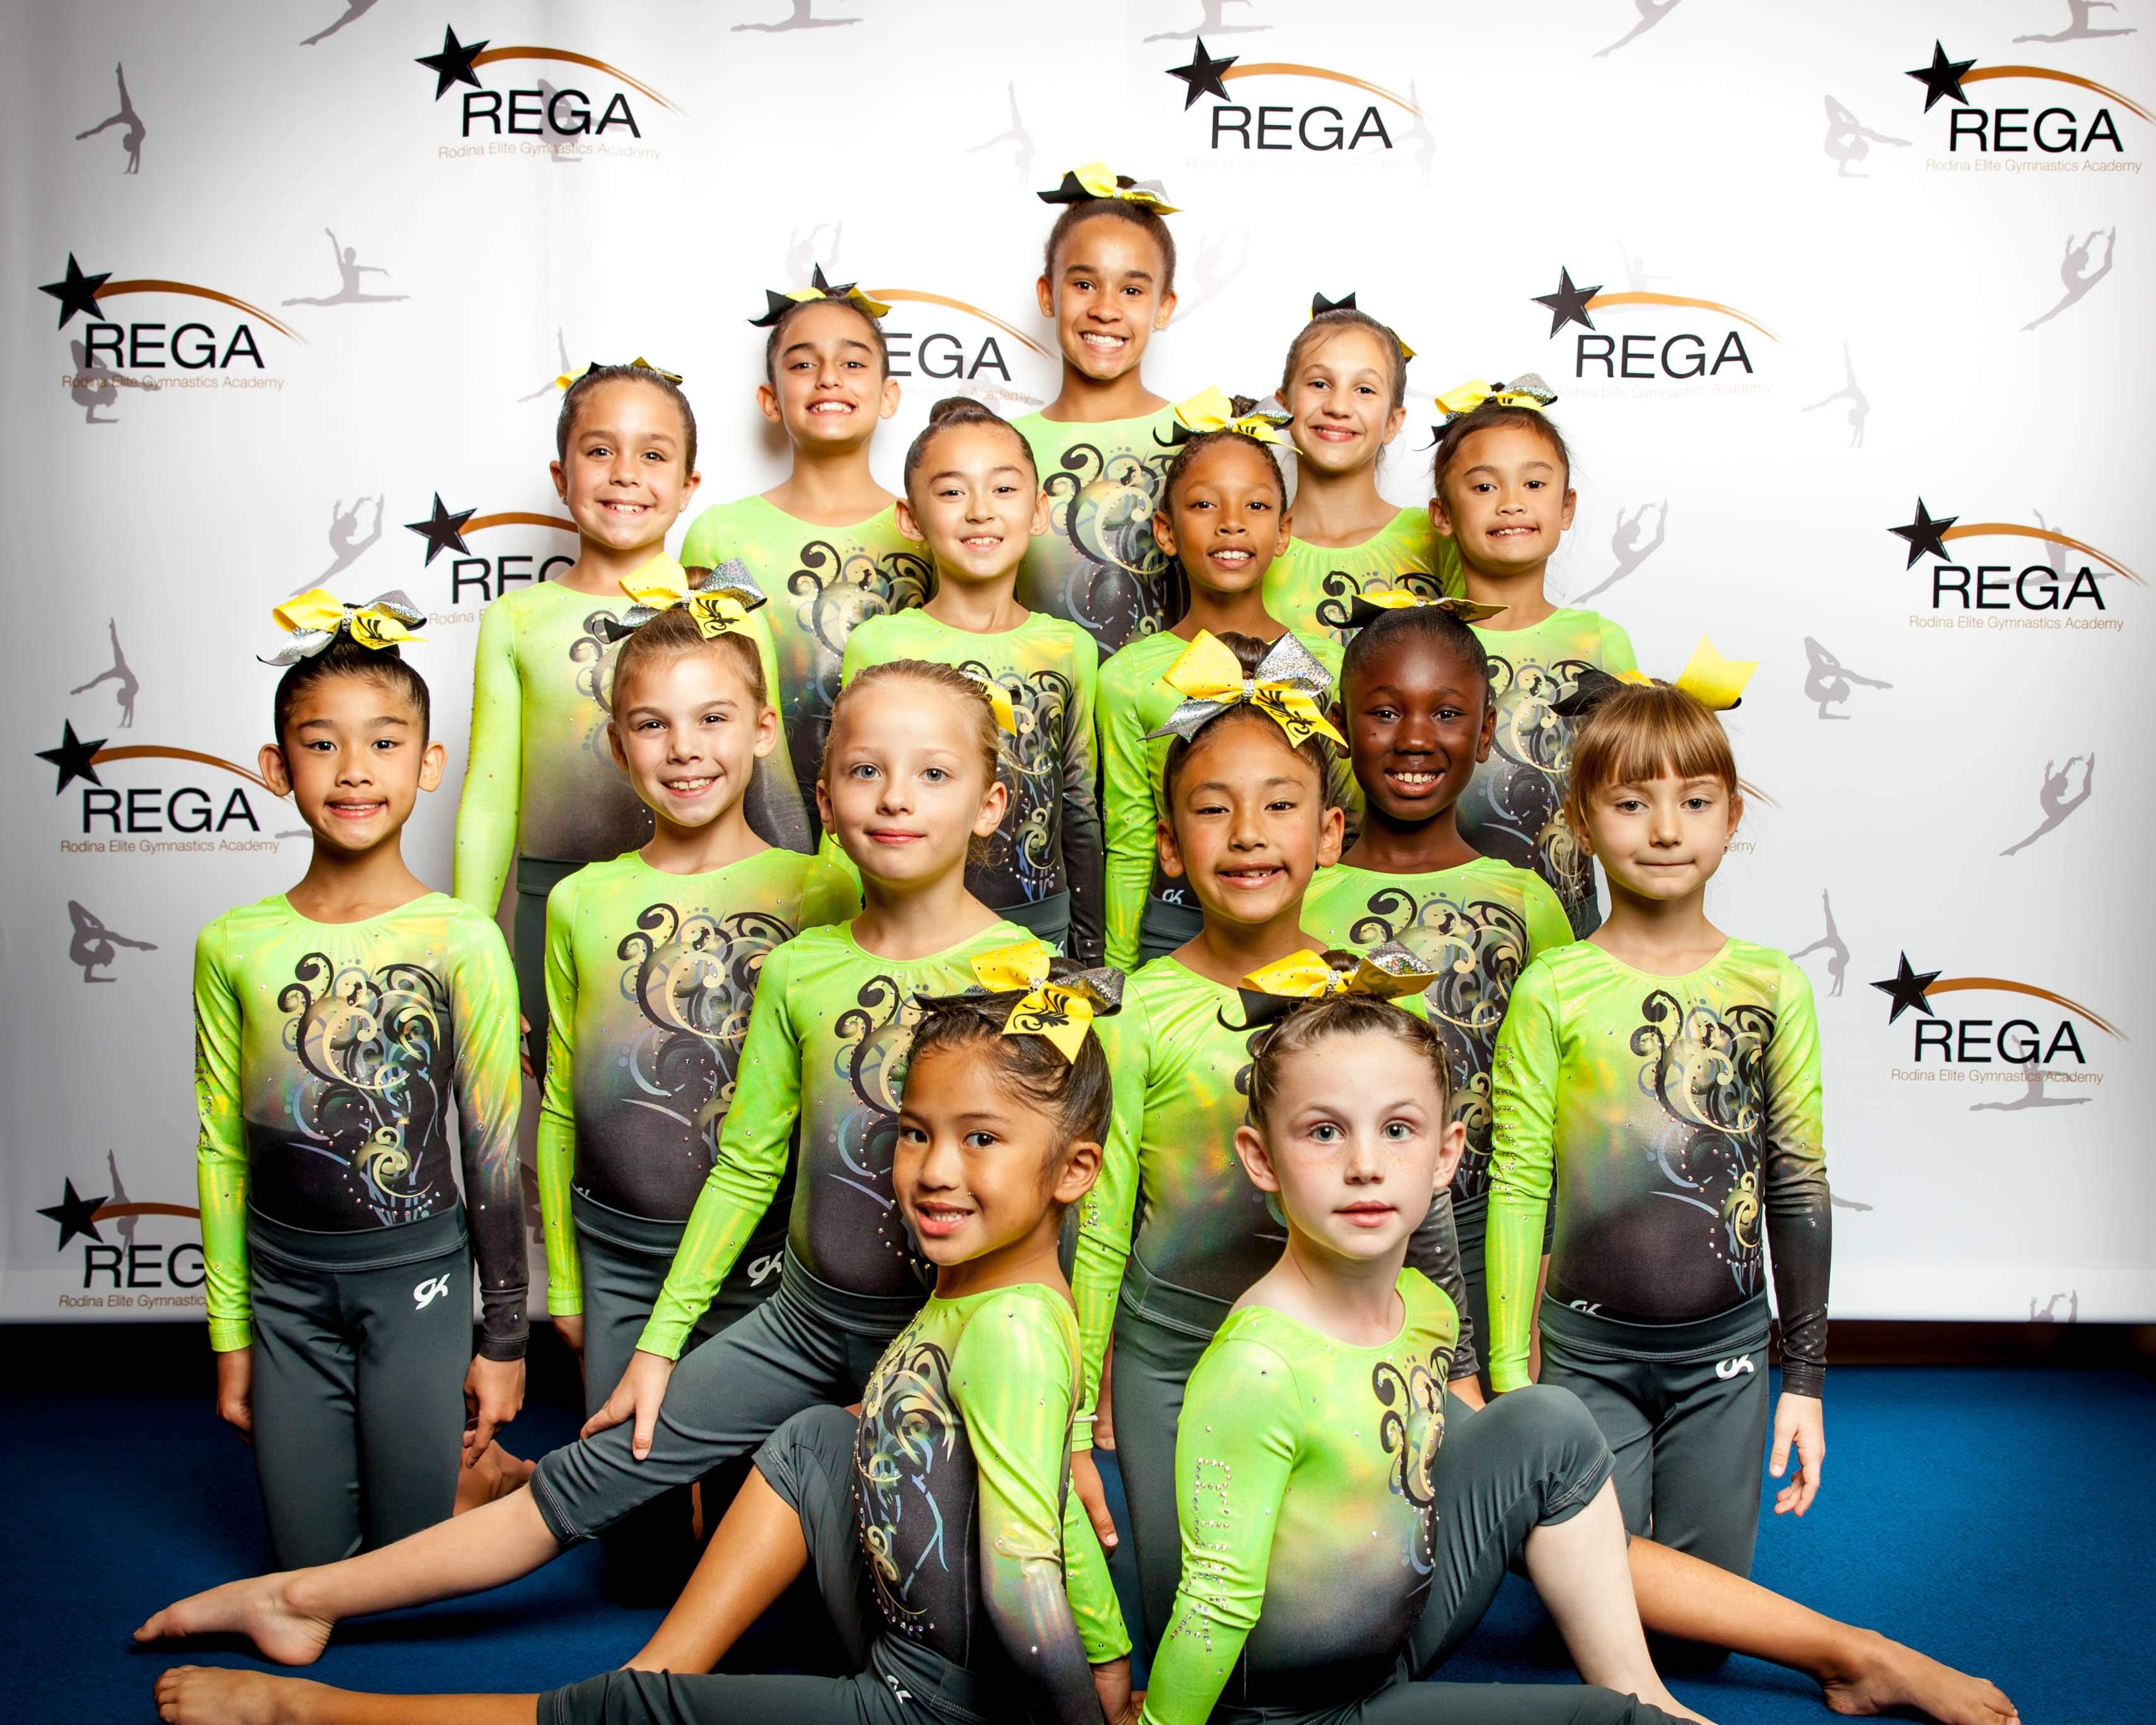 d4343518d223 2018 Level 3 State Meet - REGA - Rodina Elite Gymnastics Academy